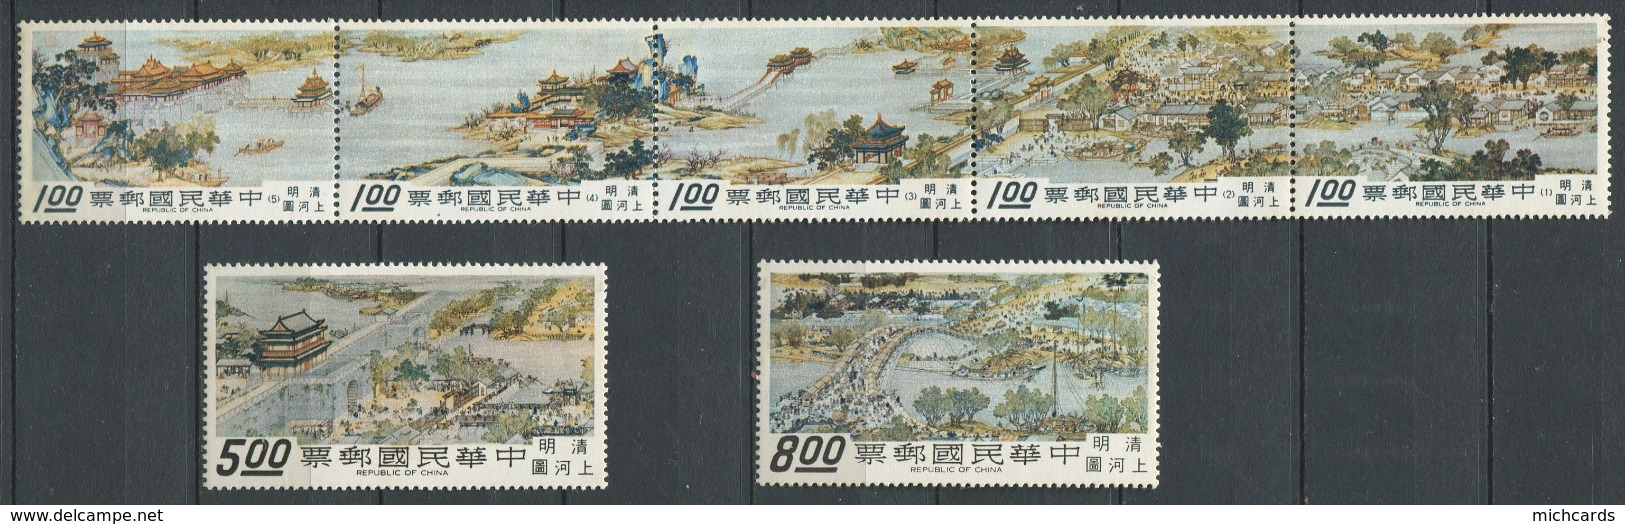 254 FORMOSE 1968 - Yvert 611/17 - Tapisserie Ville De Chine Pont Temple - Neuf ** (MNH) Sans Trace De Charniere - 1945-... República De China